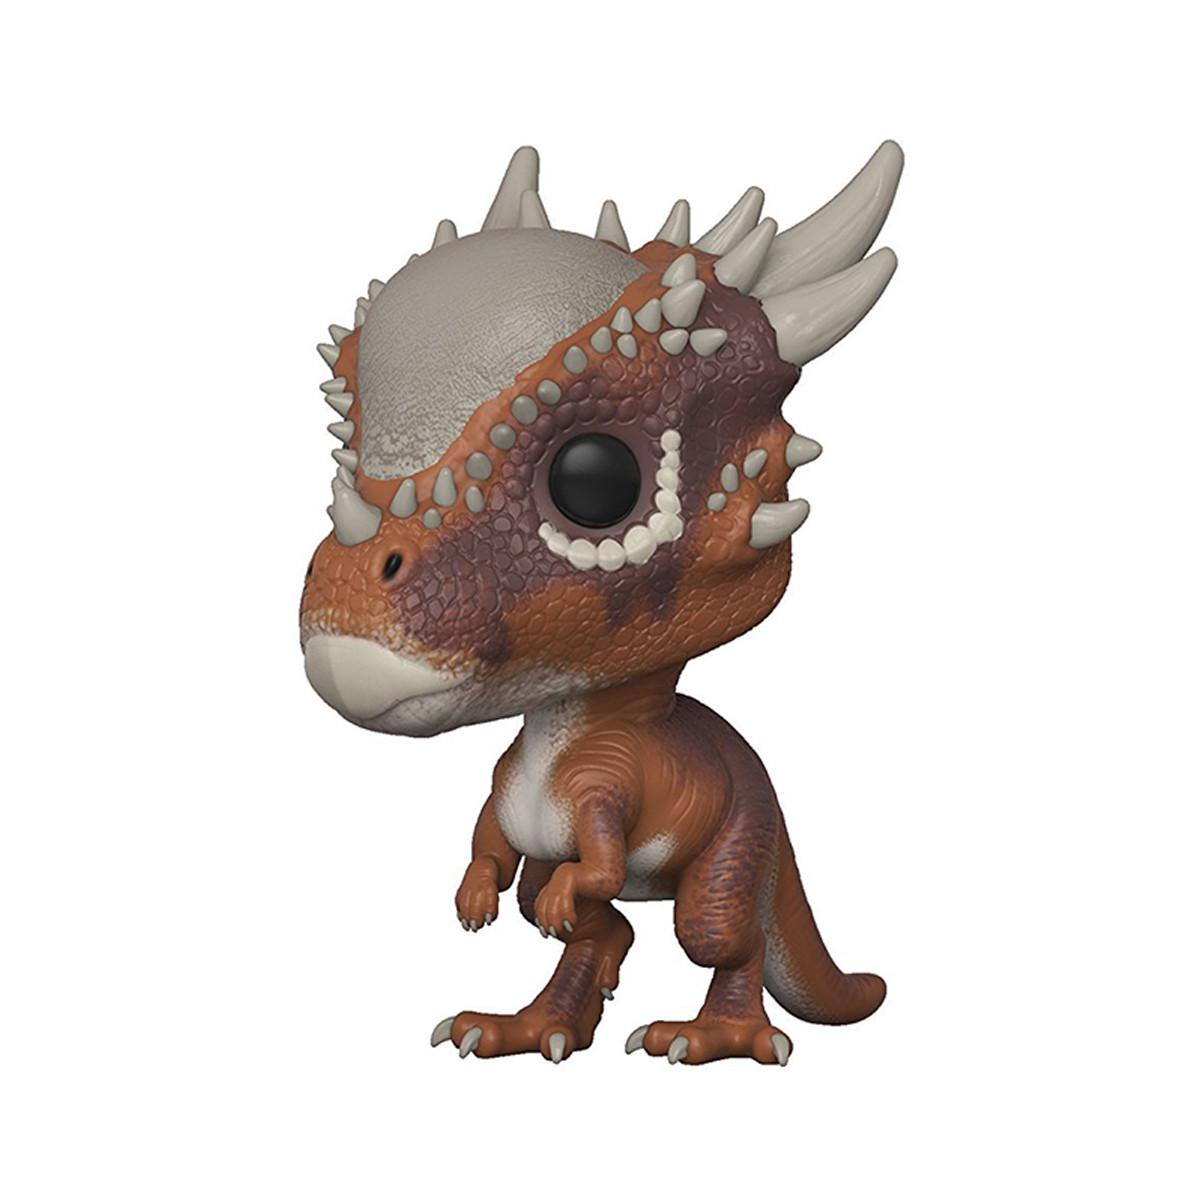 Funko Pop! Игровая фигурка Стигимолох - серии Парк Юрского периода , 30982